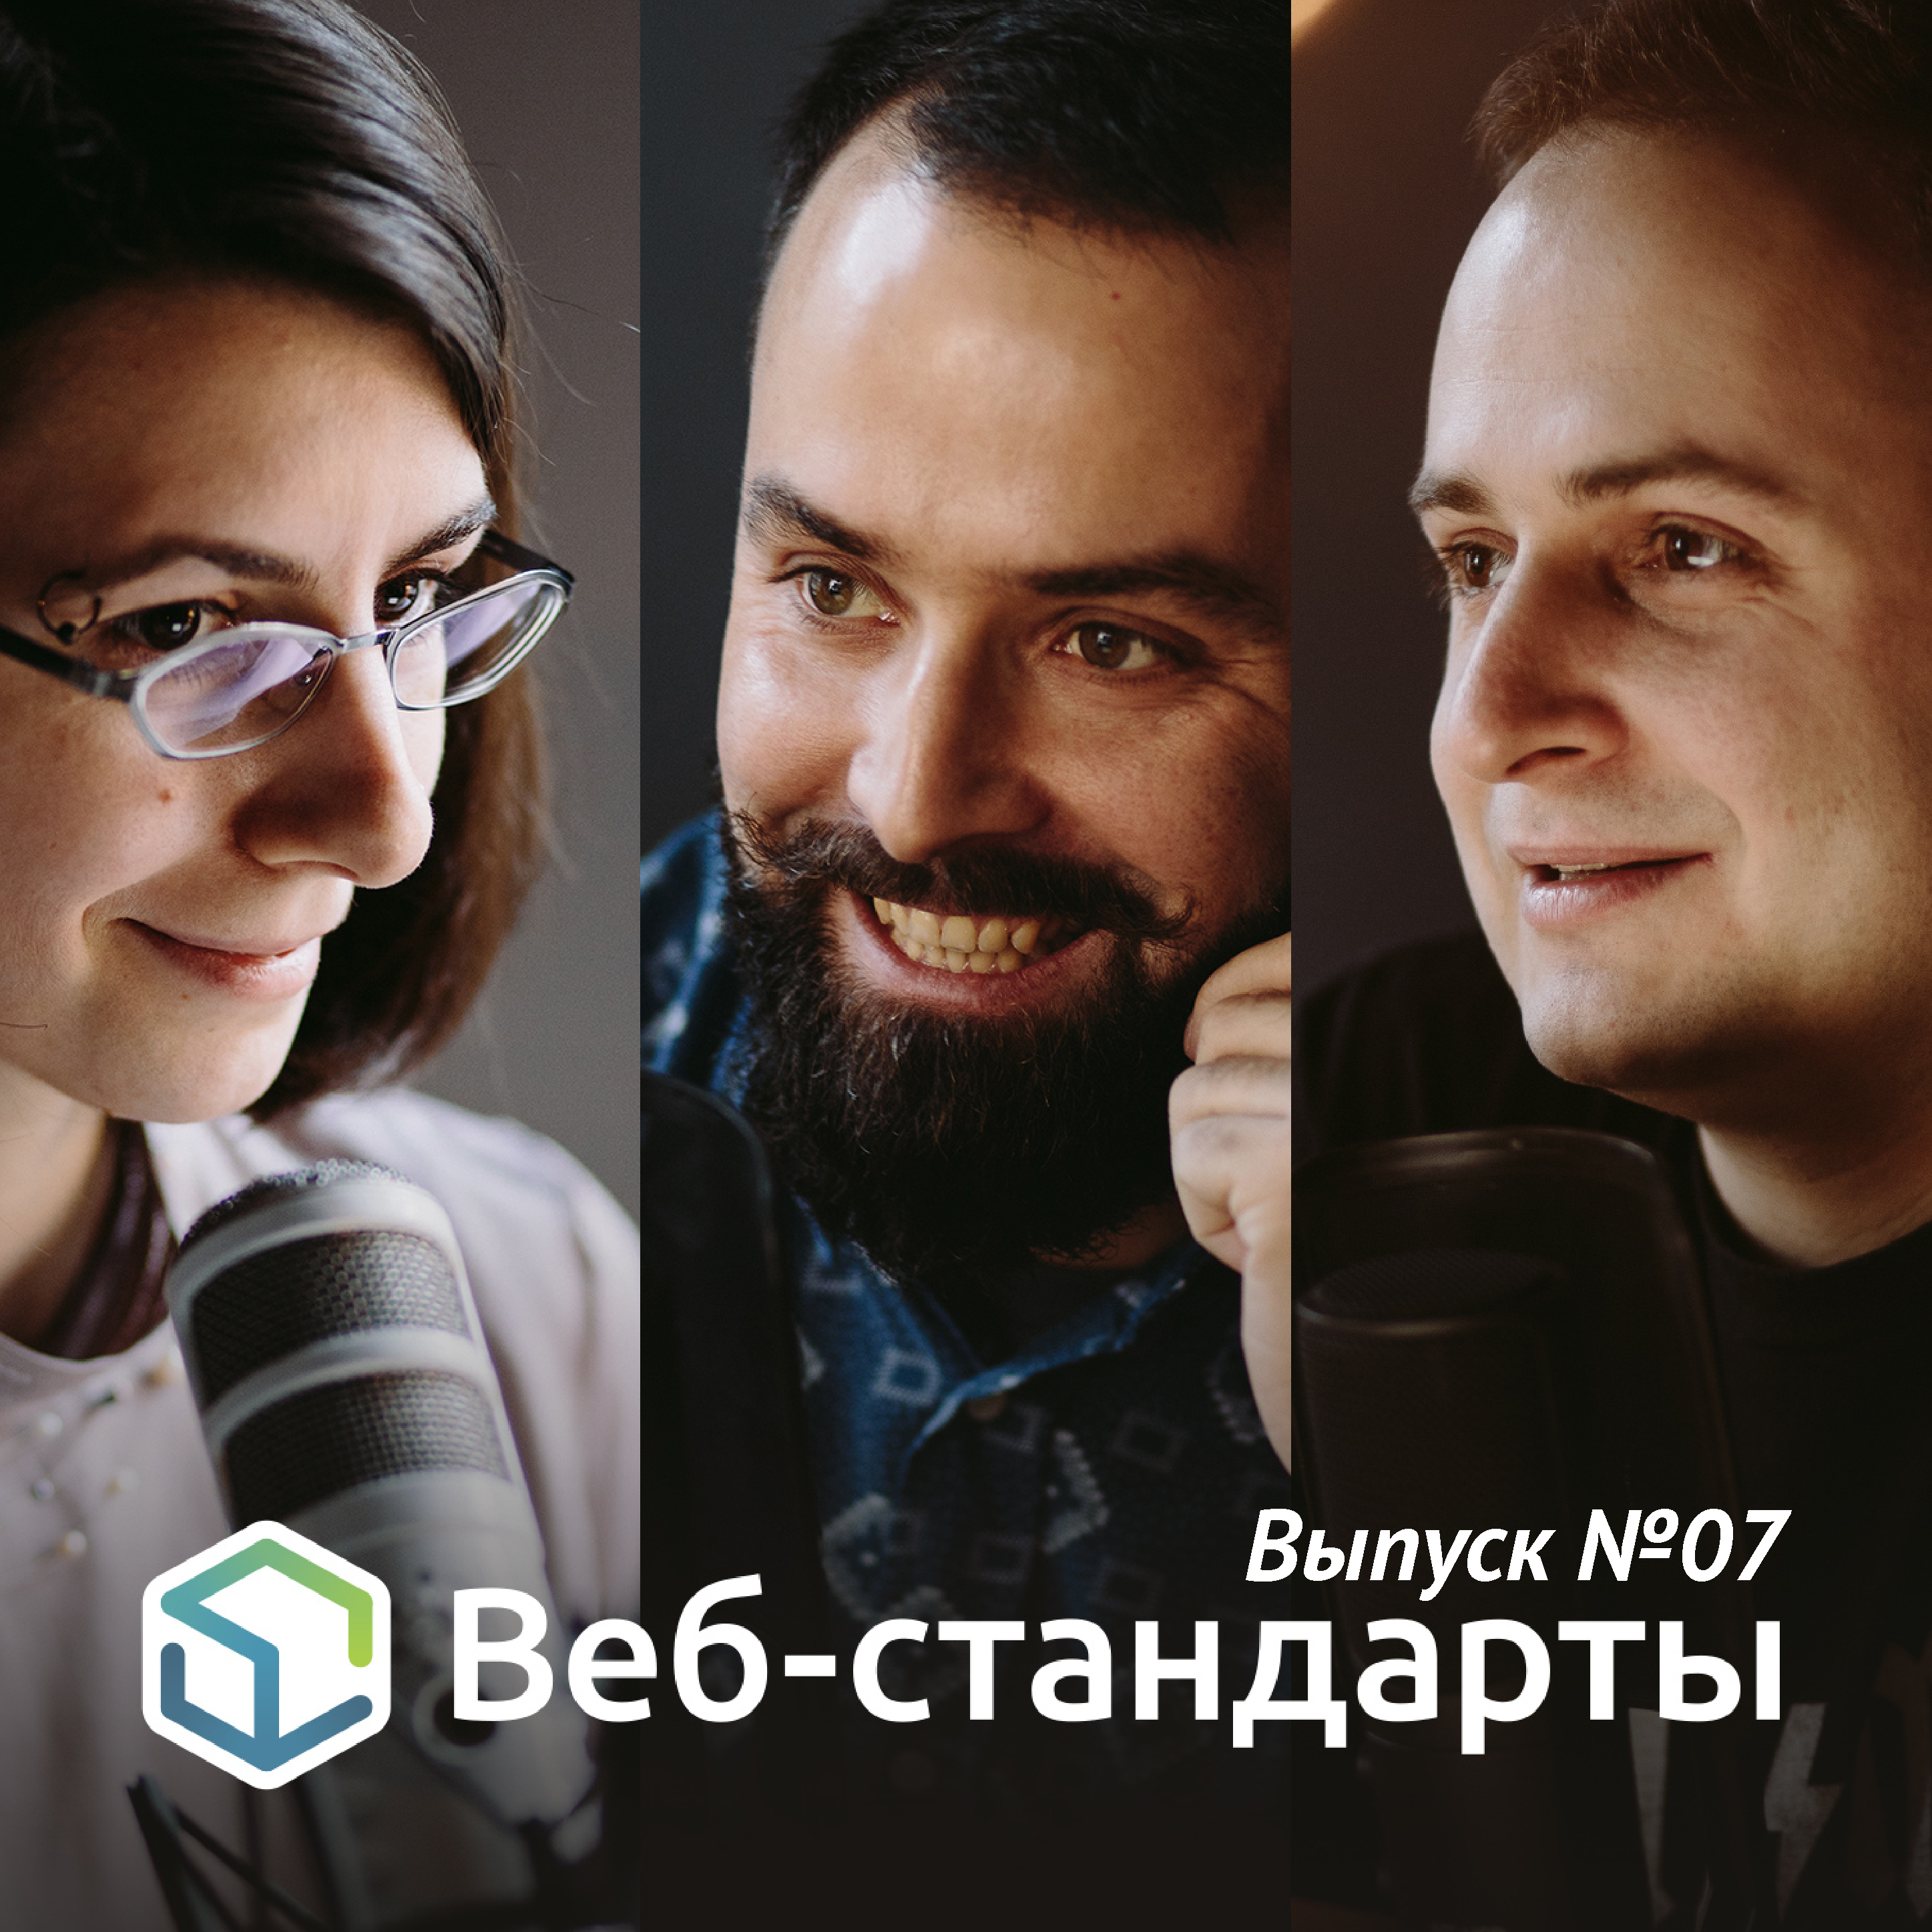 Алексей Симоненко Выпуск №07 алексей номейн качественная реклама наfacebook